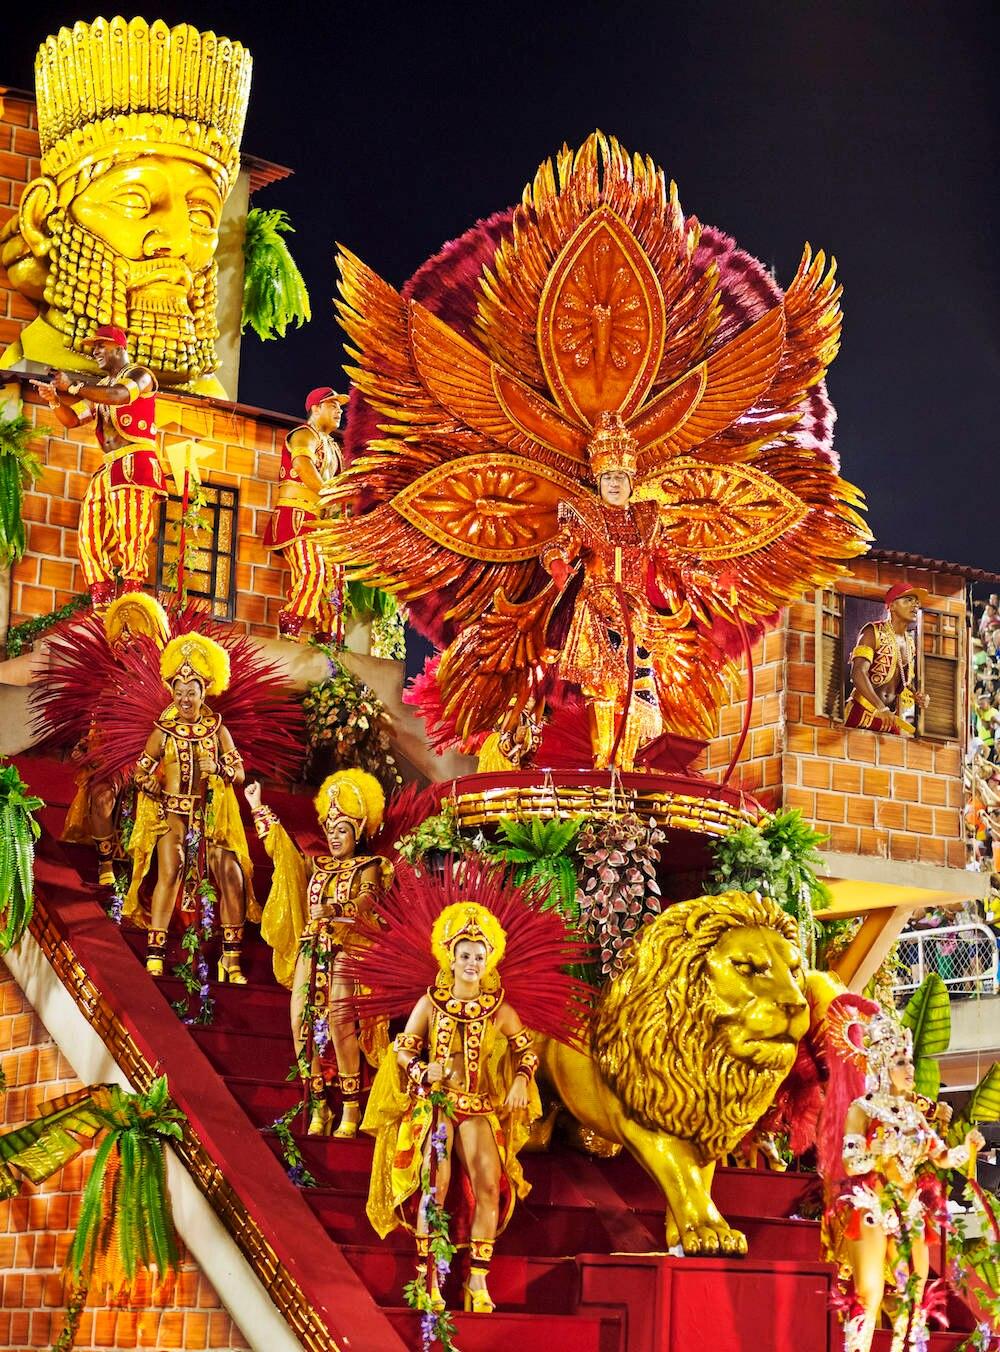 Bunt ist der Karneval in Rio immer